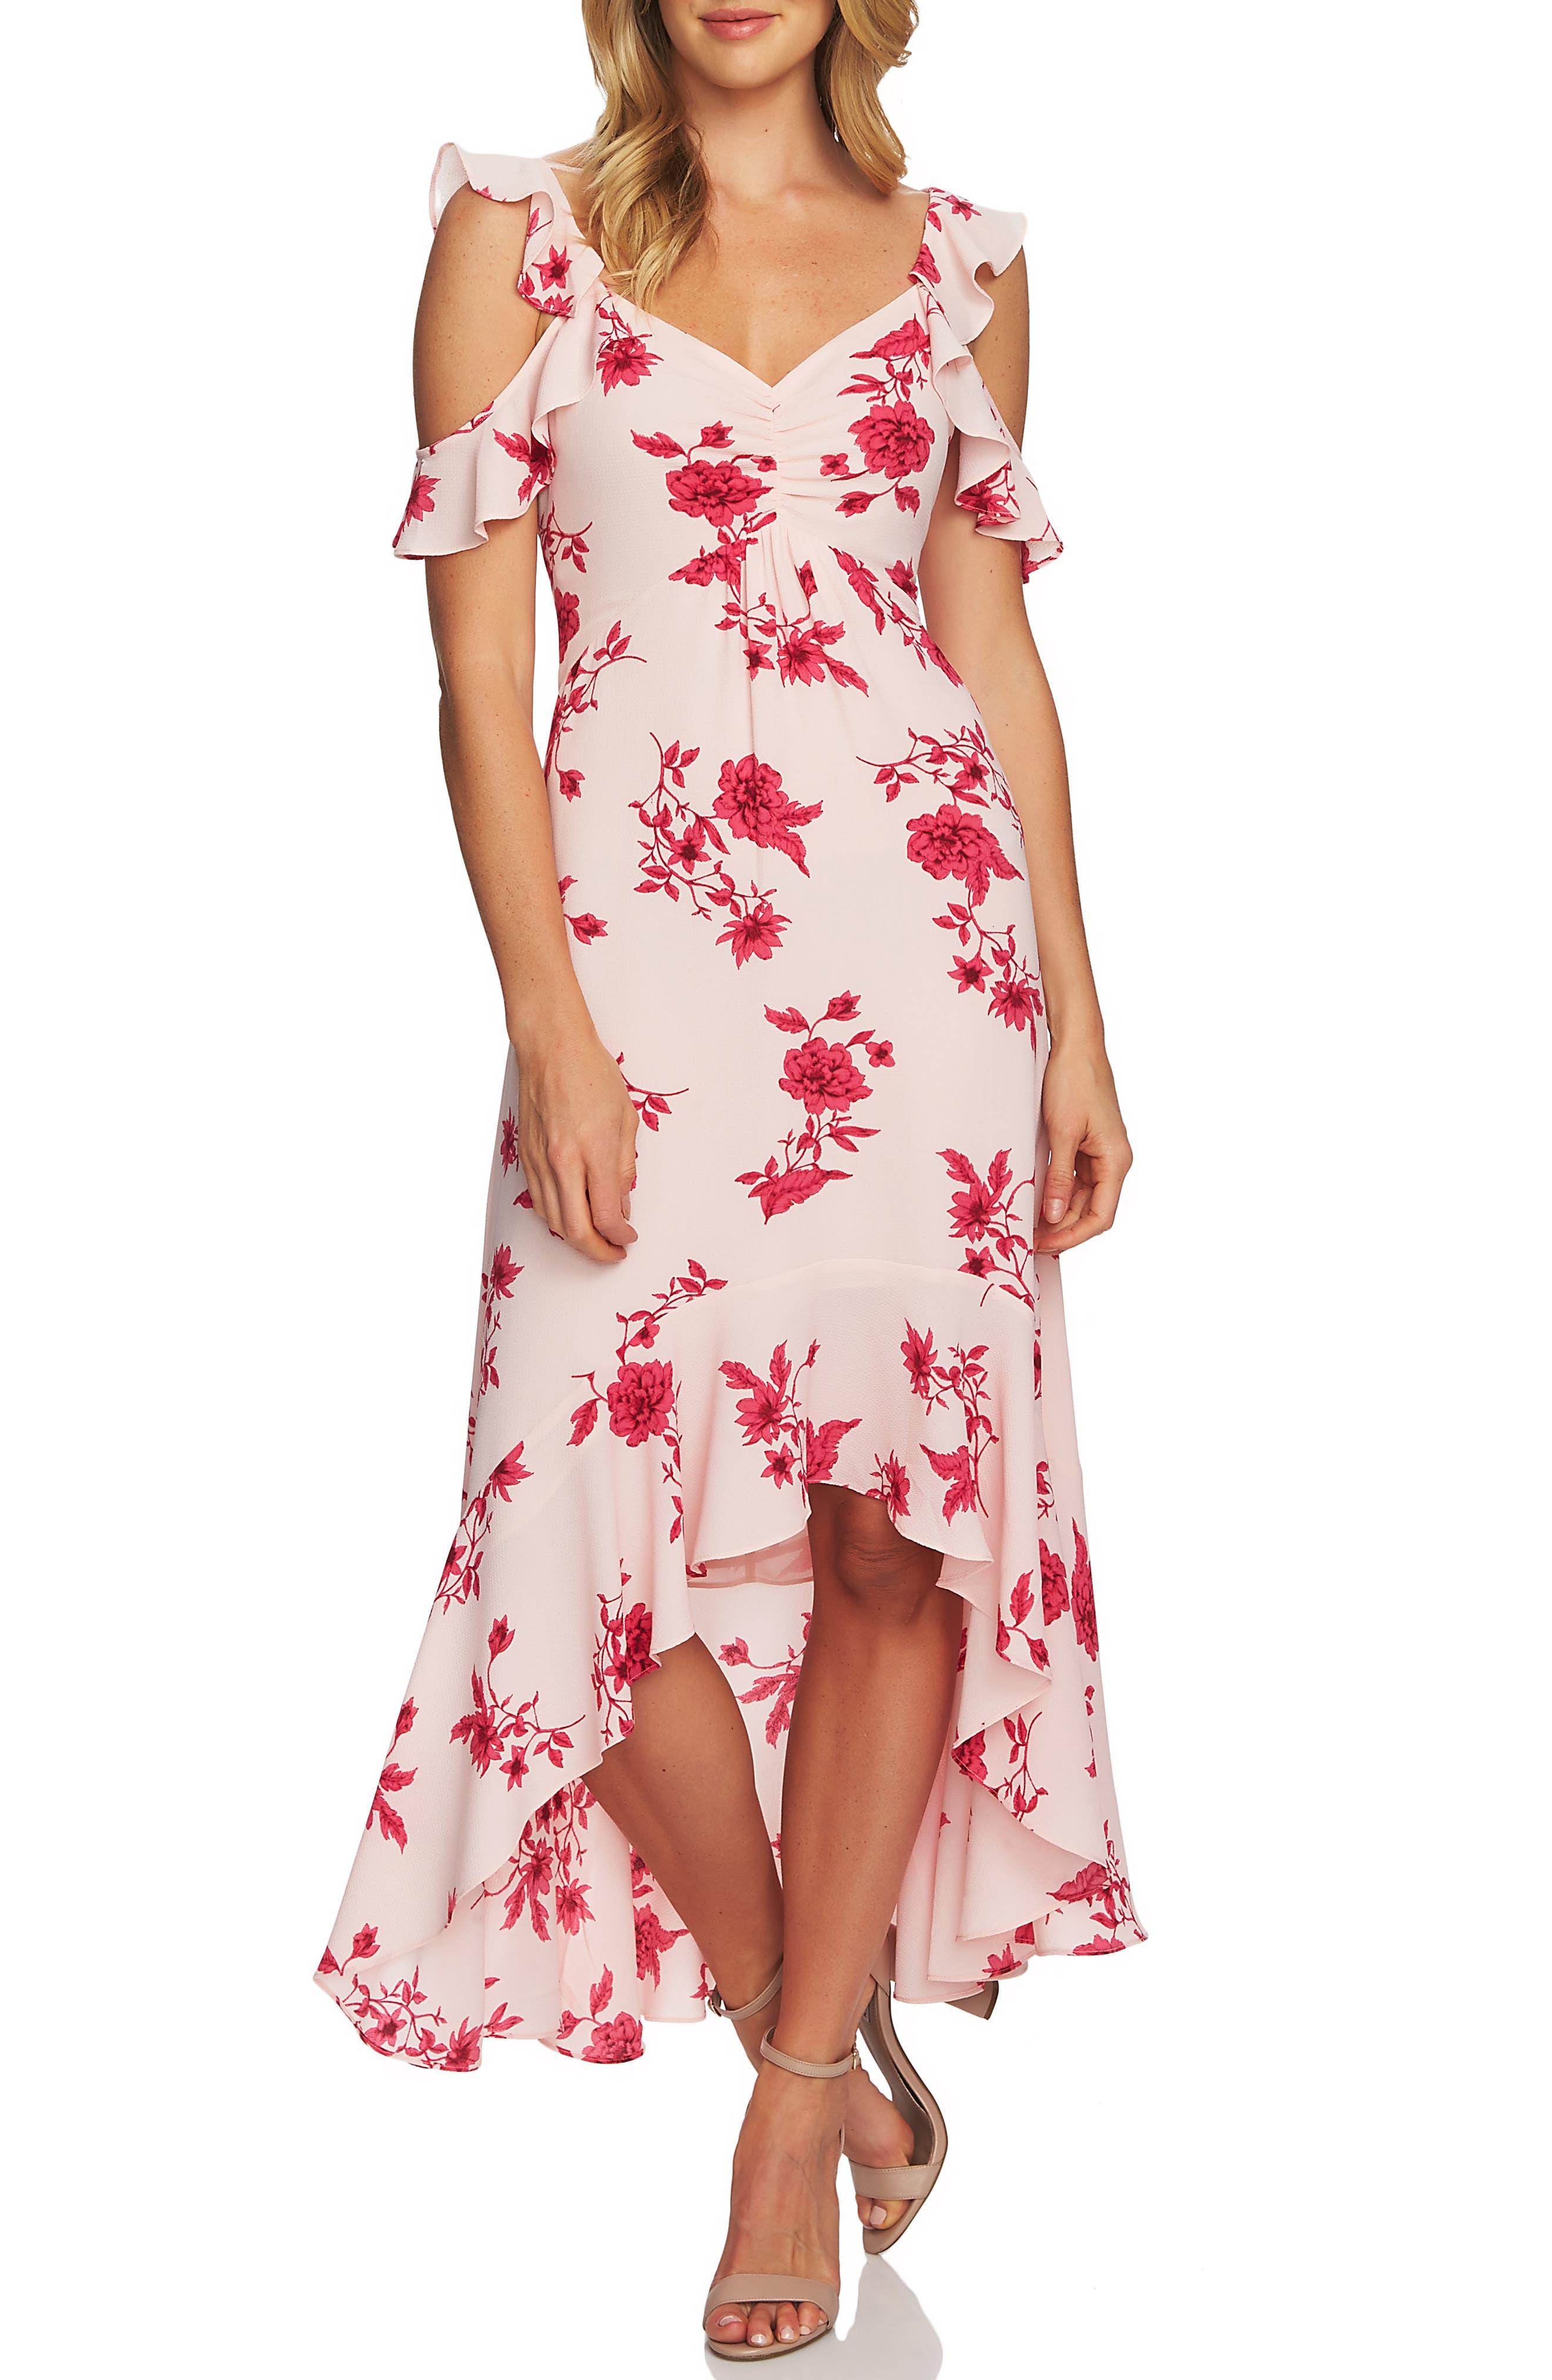 CECE Etched Floral High/Low Midi Dress, Main, color, SECRET BLUSH